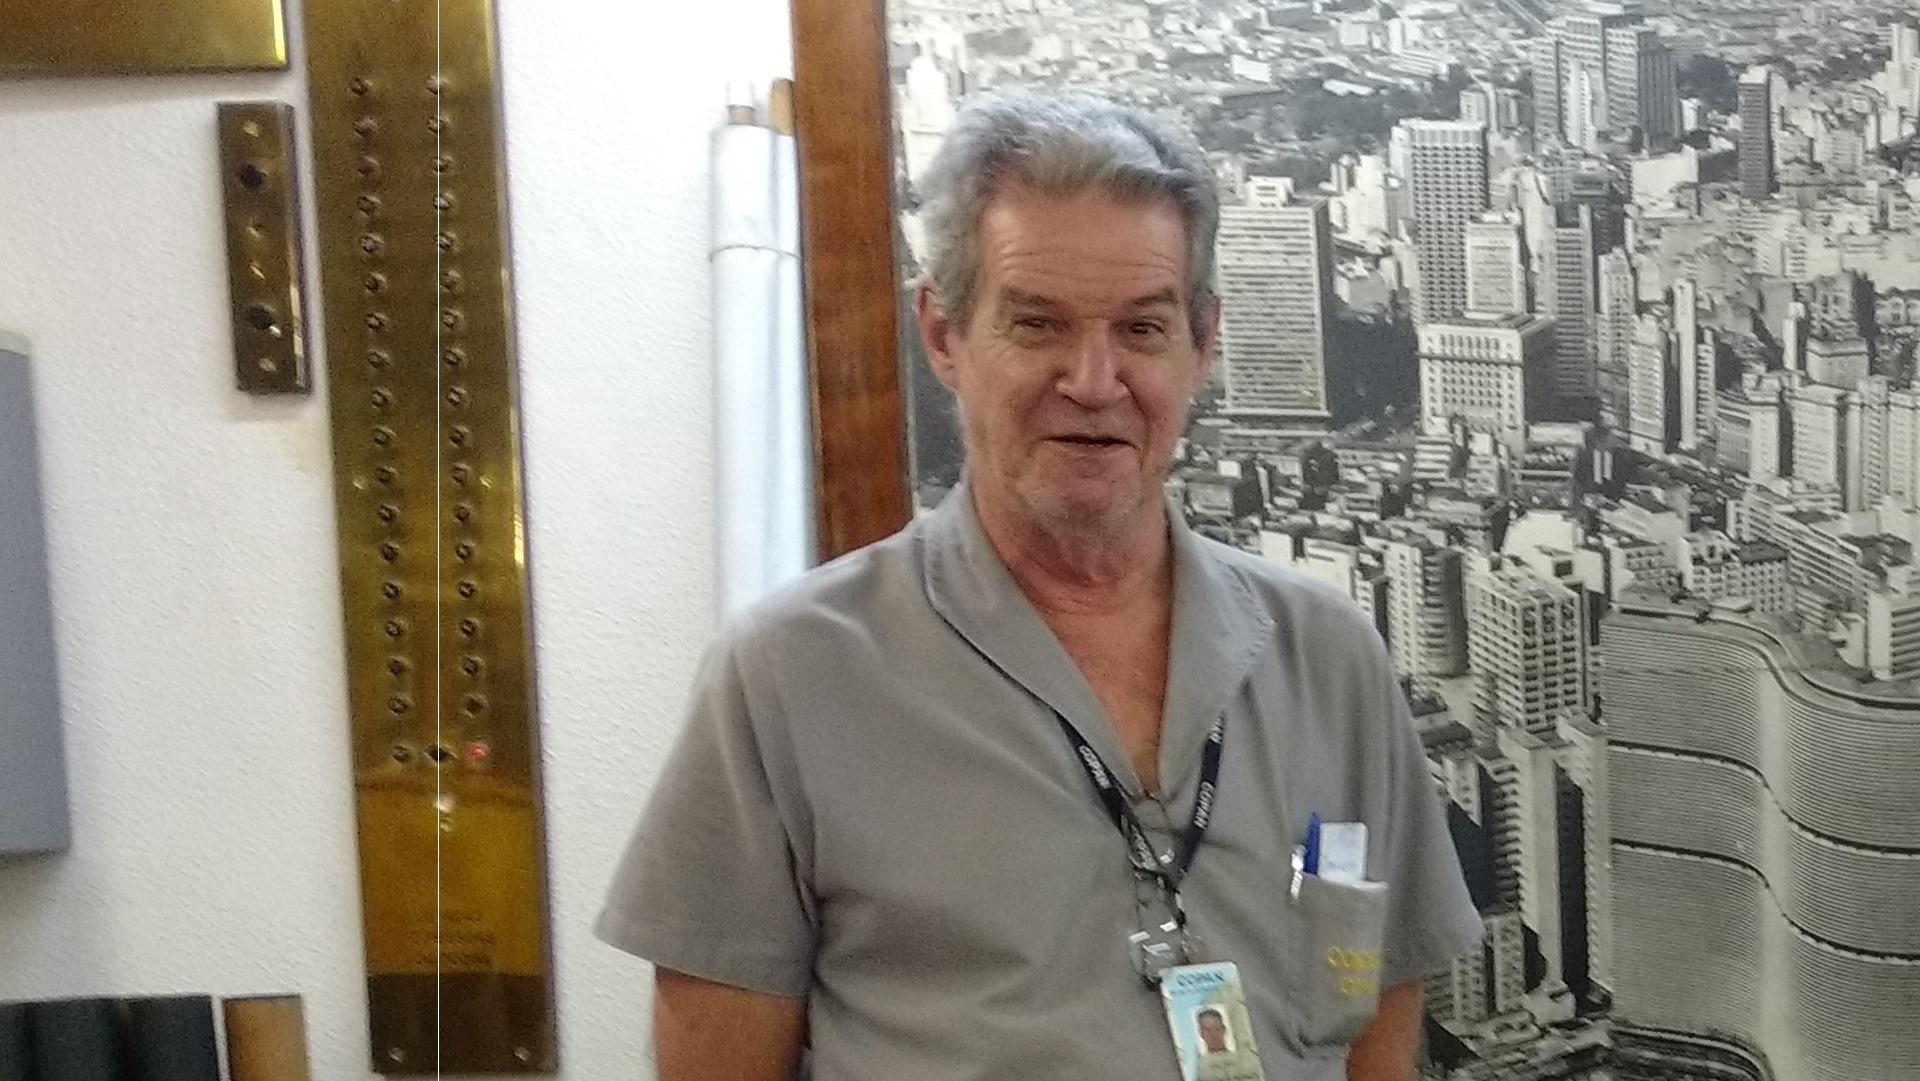 Valter Fedorenko, escarregado de manutenção e um dos primeiros moradores do Copan (Camila Montagner/Outra Cidade)